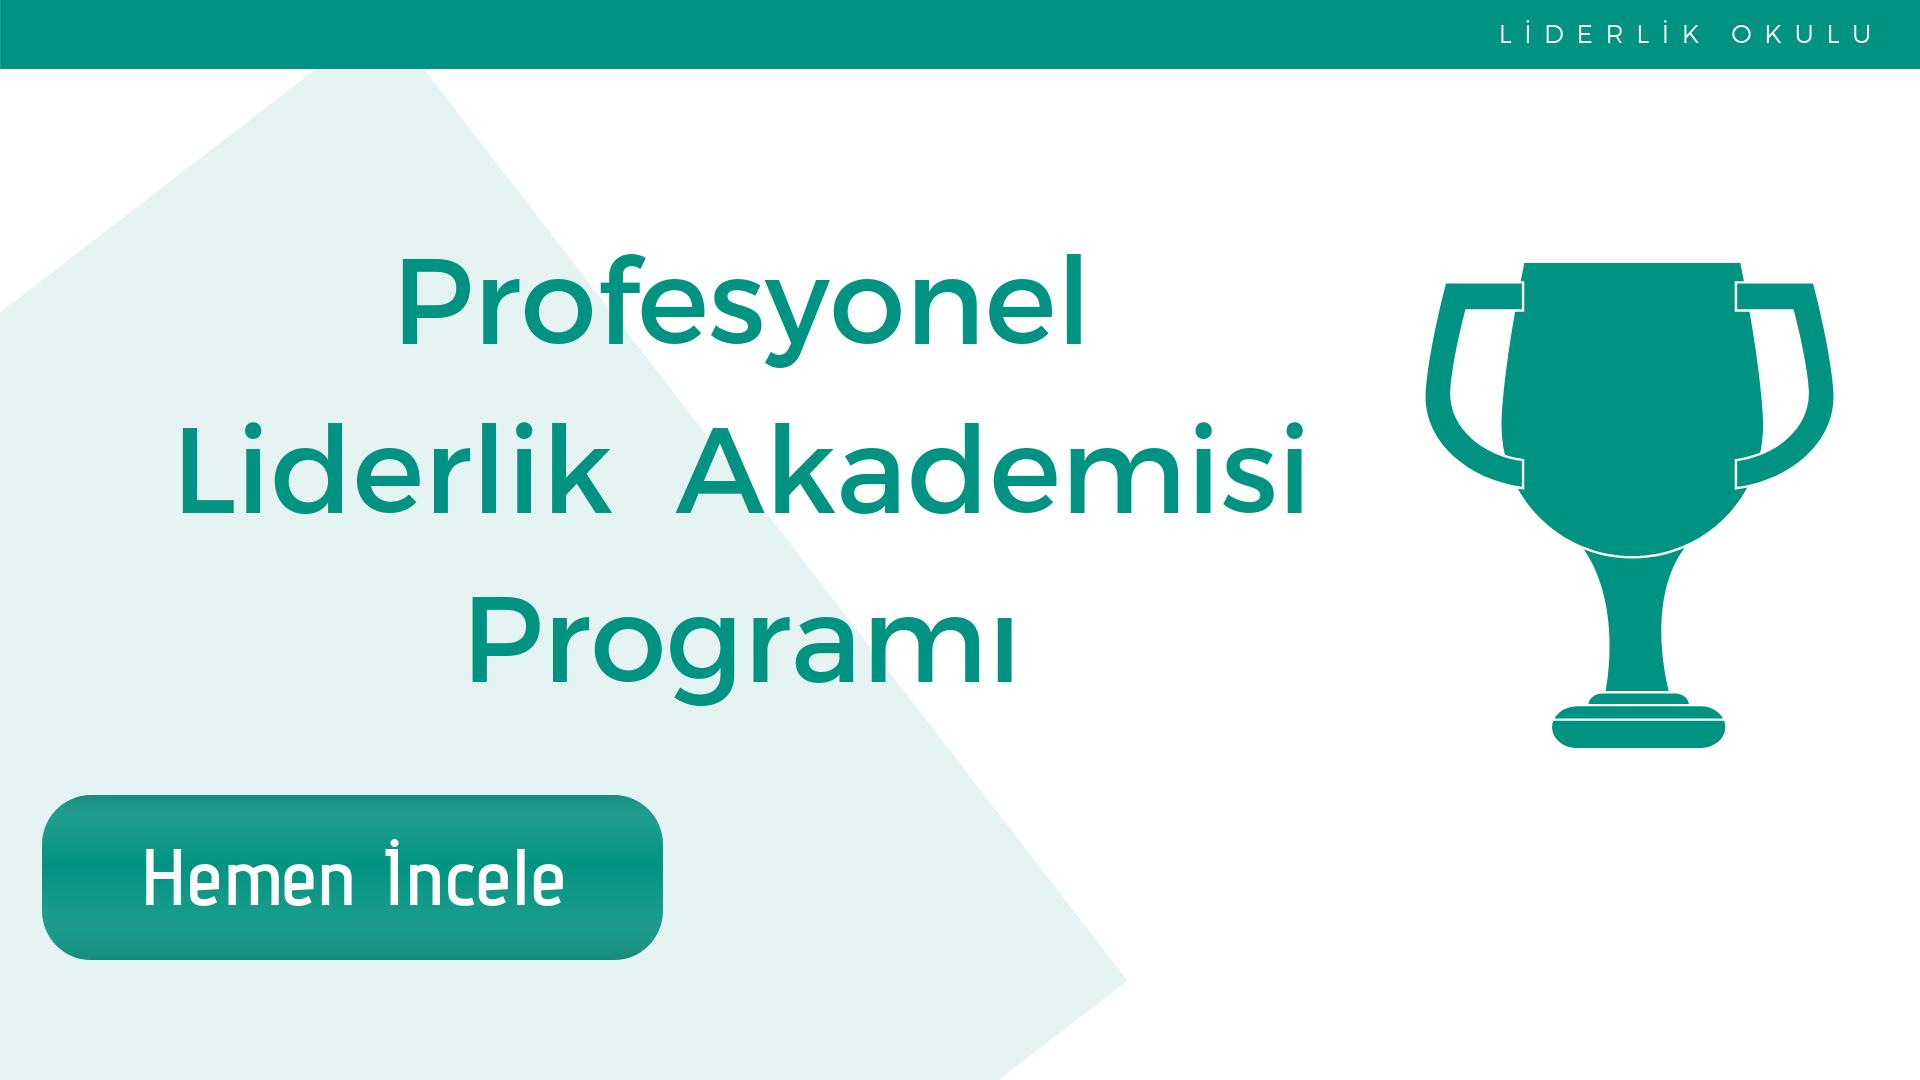 Profesyonel Liderlik Akademisi Programı